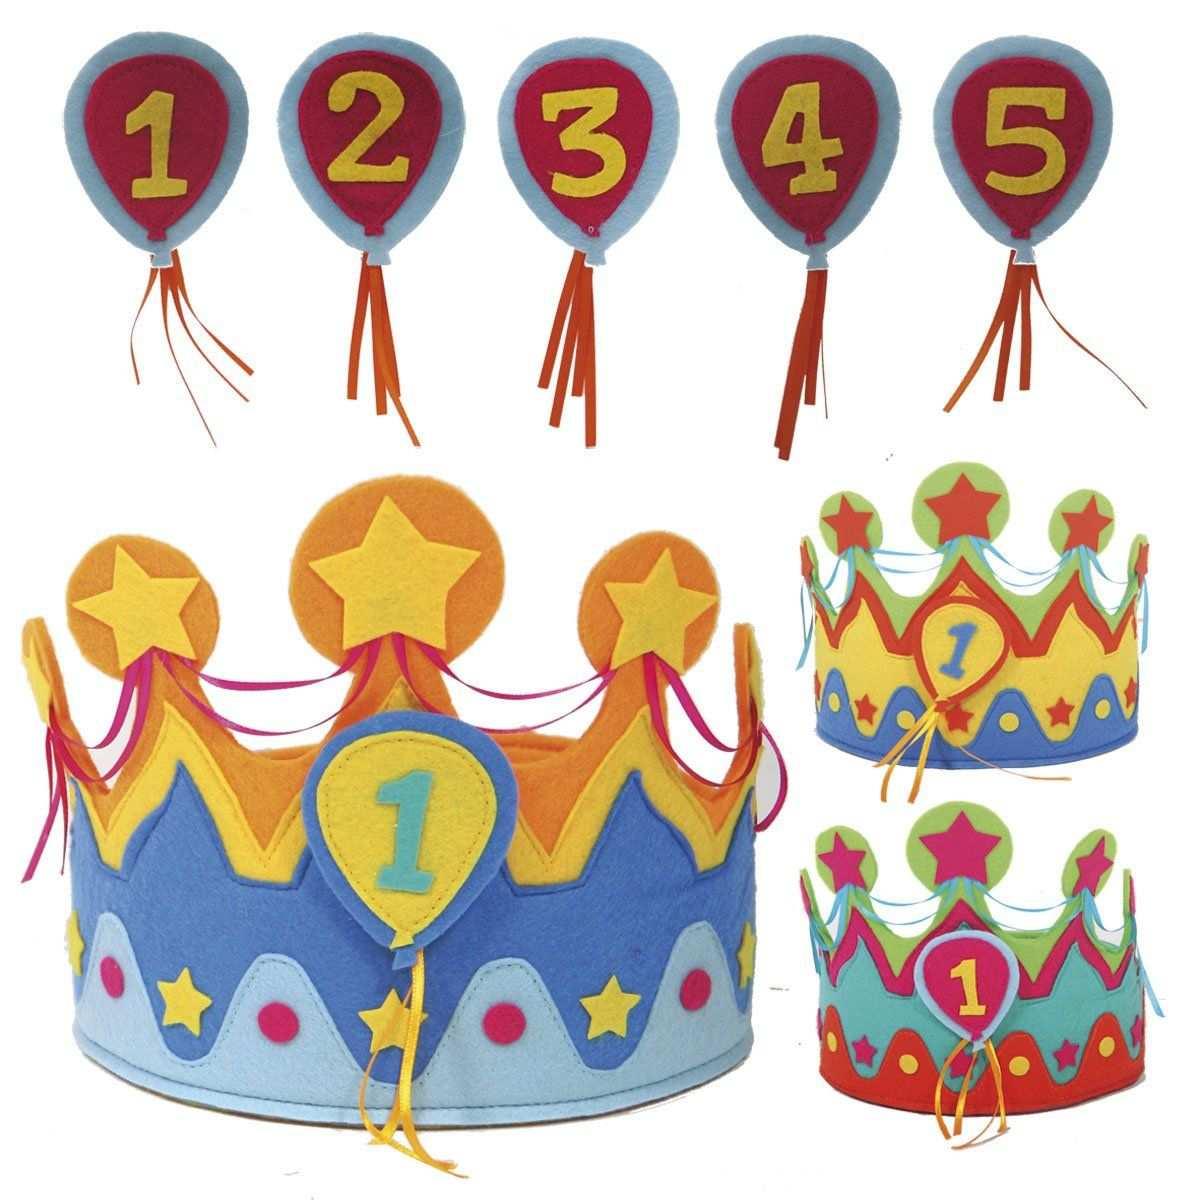 Der Spielzeugtester Hat Das Kinder Geburtstags Krone Fur Jungs Madchen Mit Geburtstag Krone Basteln Geburtstagskrone Basteln Krone Basteln Geburtstag Vorlage